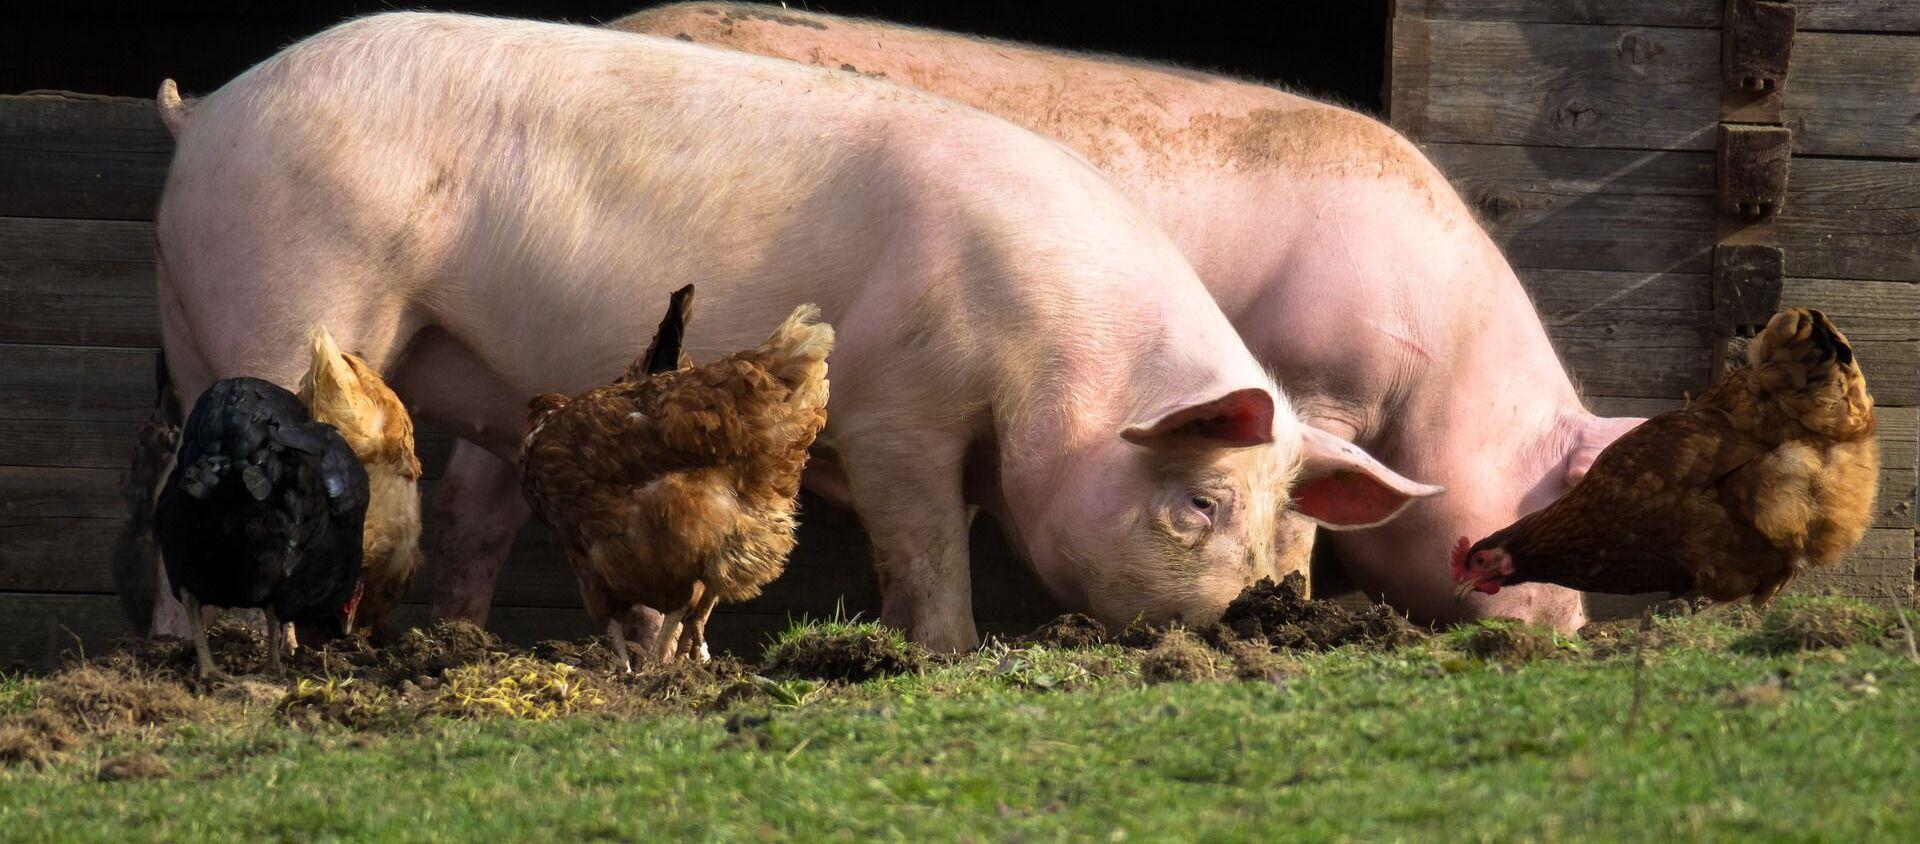 Cerdos y gallinas (imagen referencial) - Sputnik Mundo, 1920, 04.02.2020